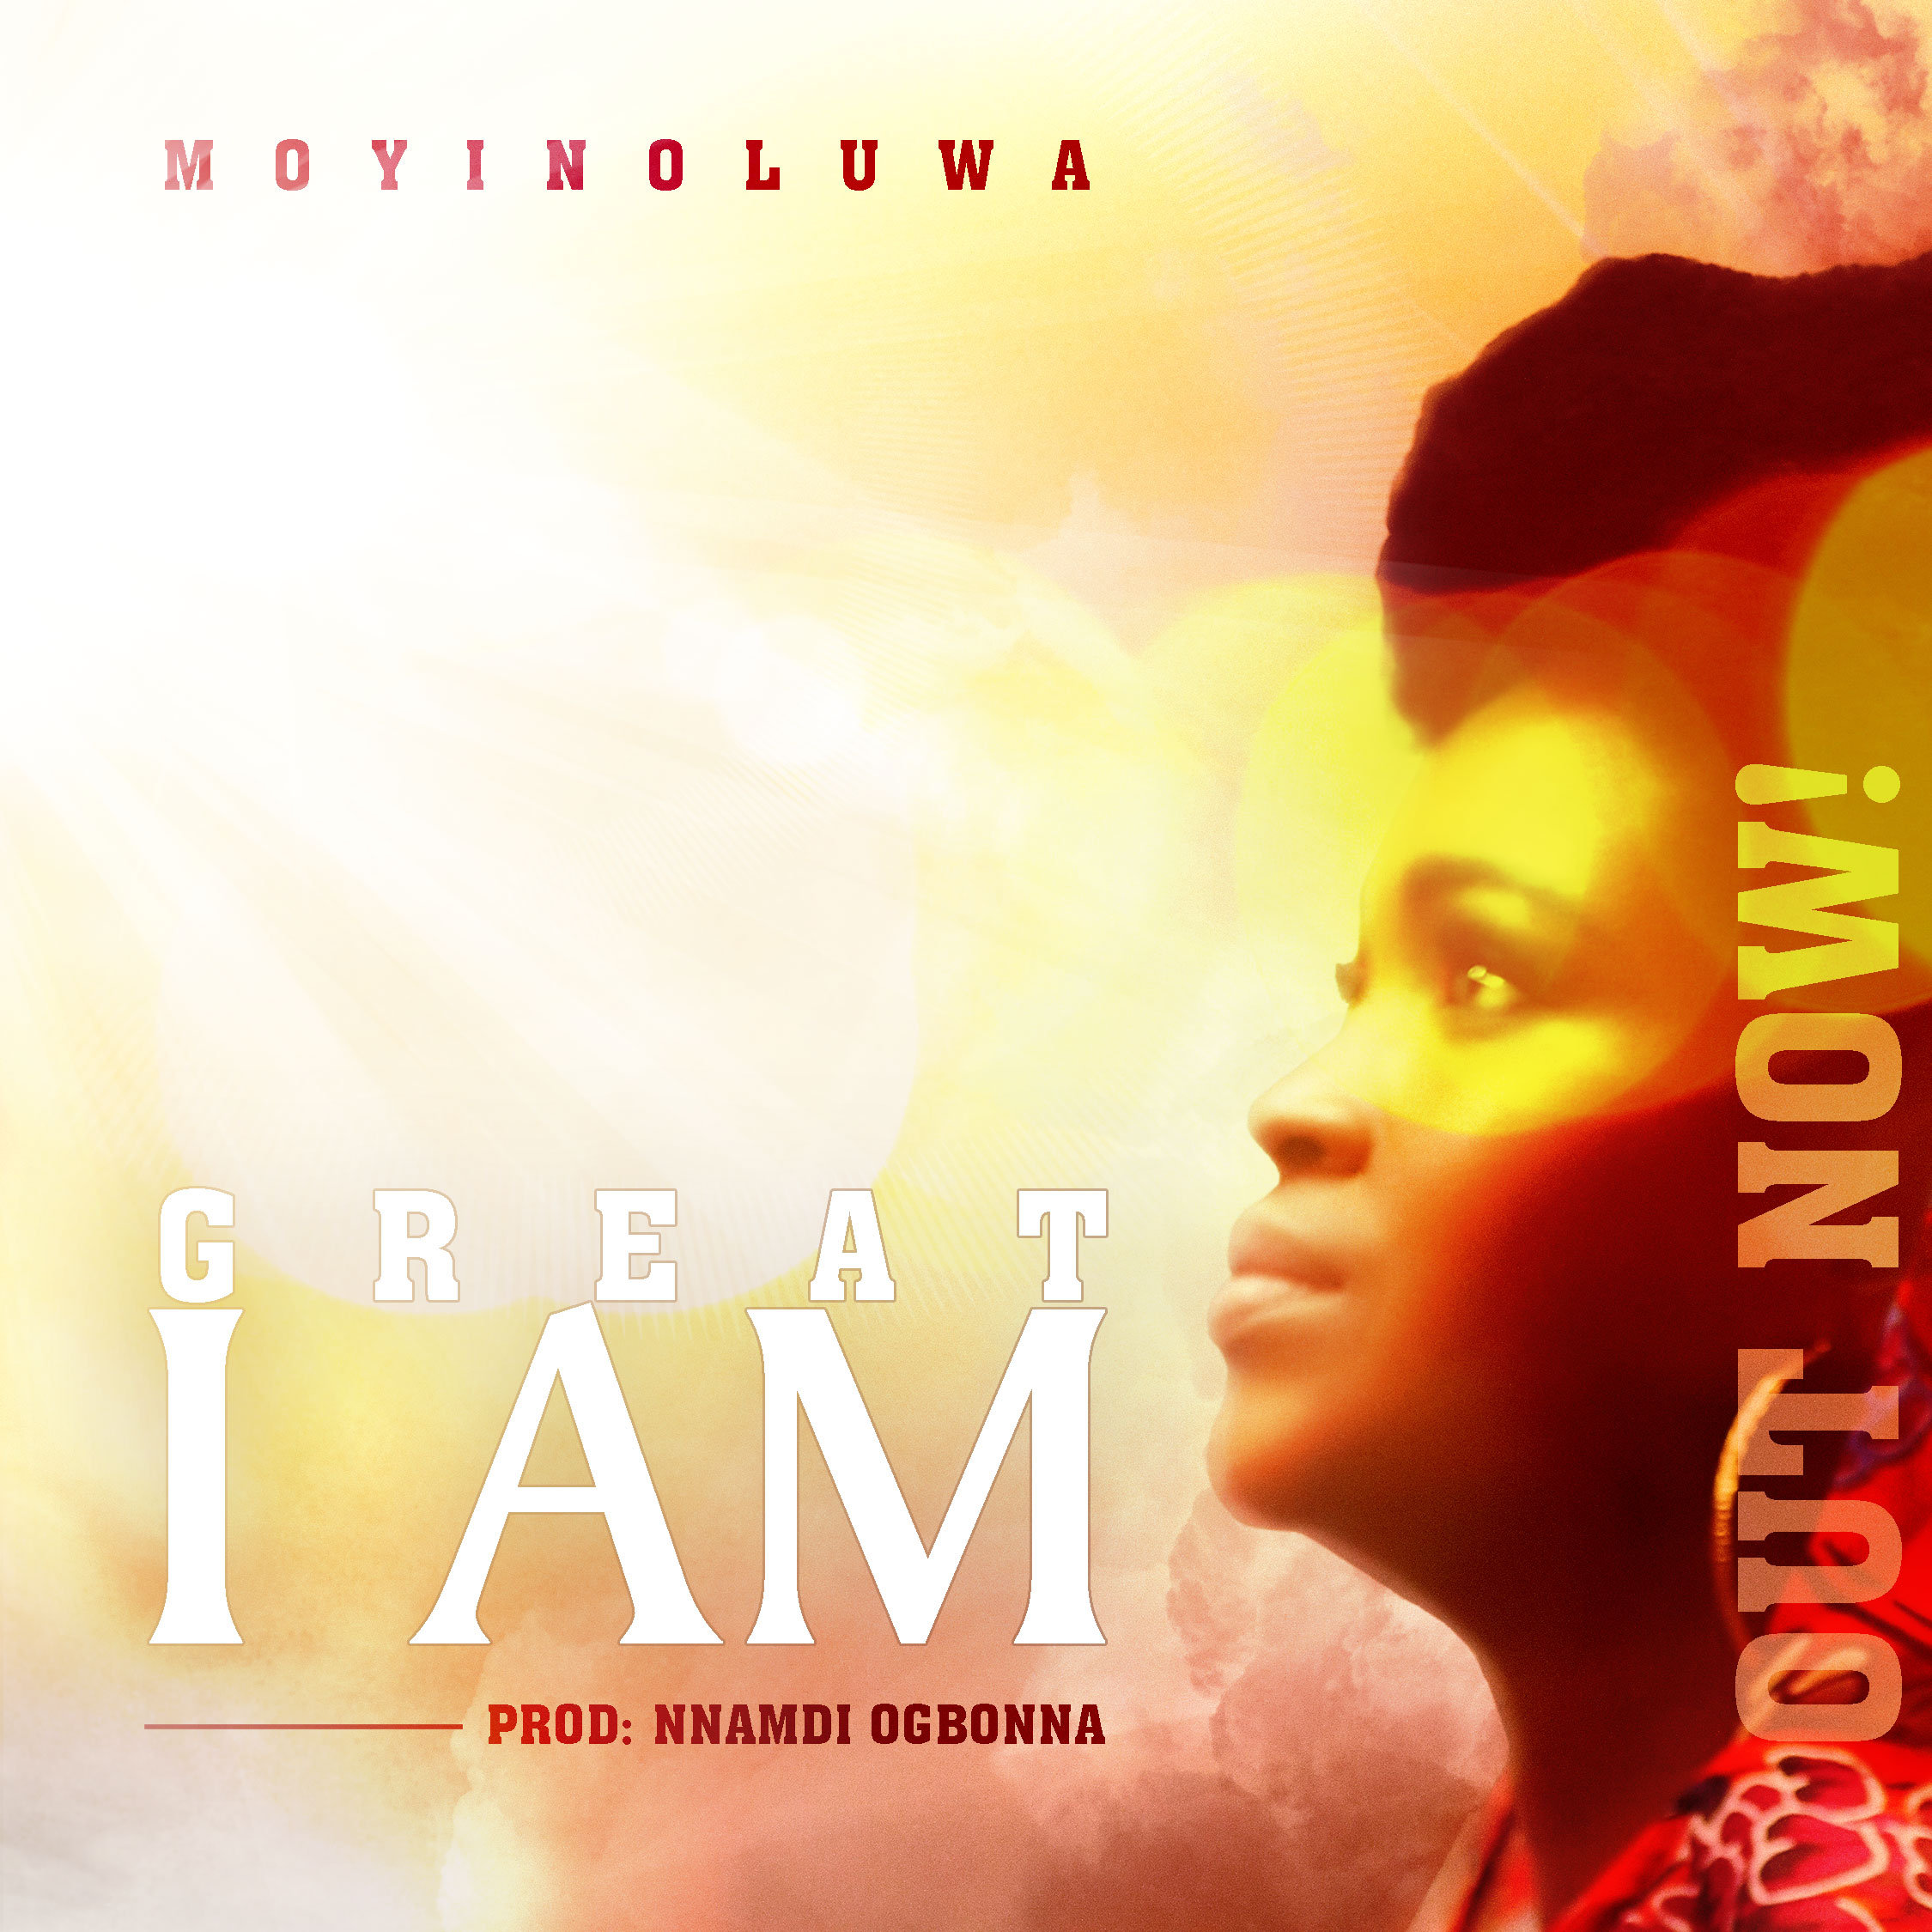 Great-I-AM by moyinoluwa.jpg